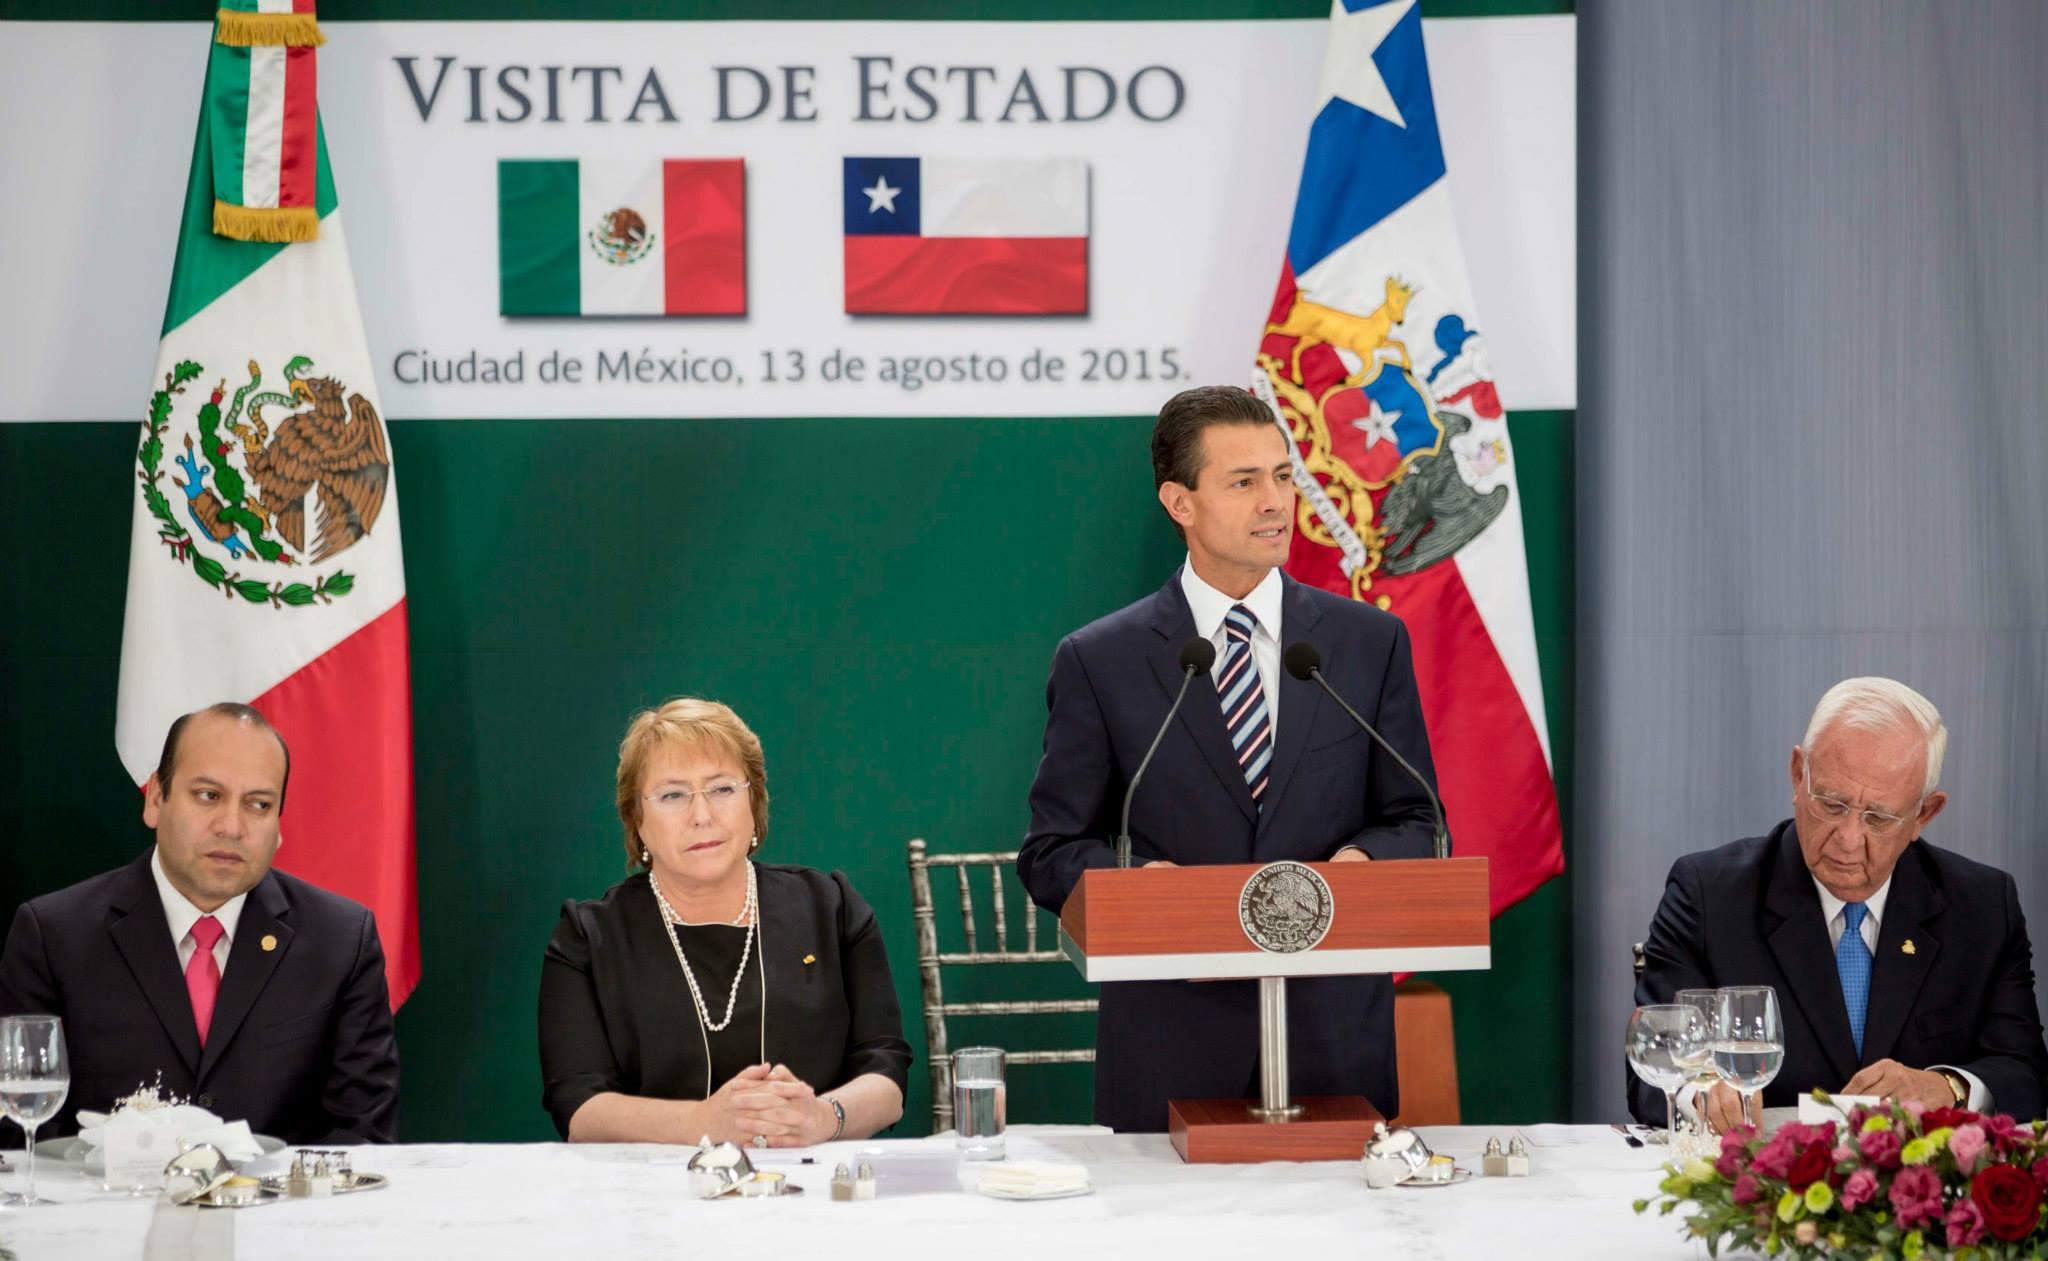 Palabras del Presidente Enrique Peña Nieto, durante la Comida que ofreció en Honor de la Presidenta de Chile, Michelle Bachelet